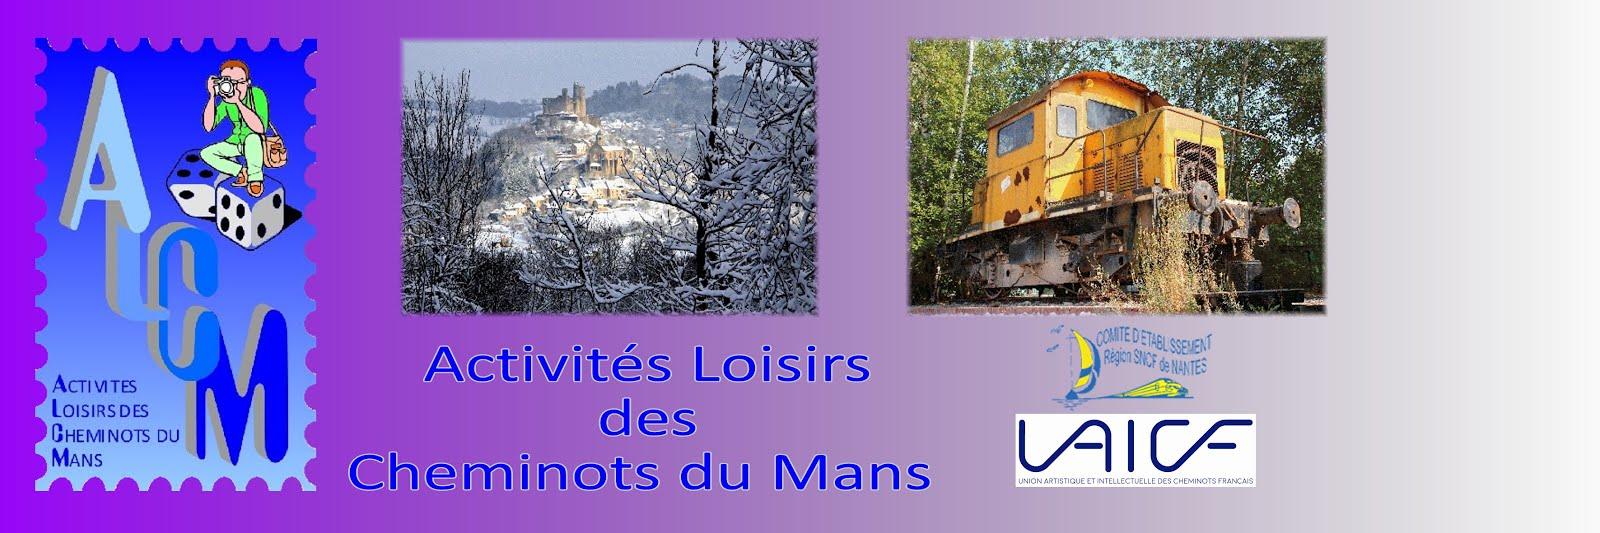 Activités Loisirs des Cheminots du Mans